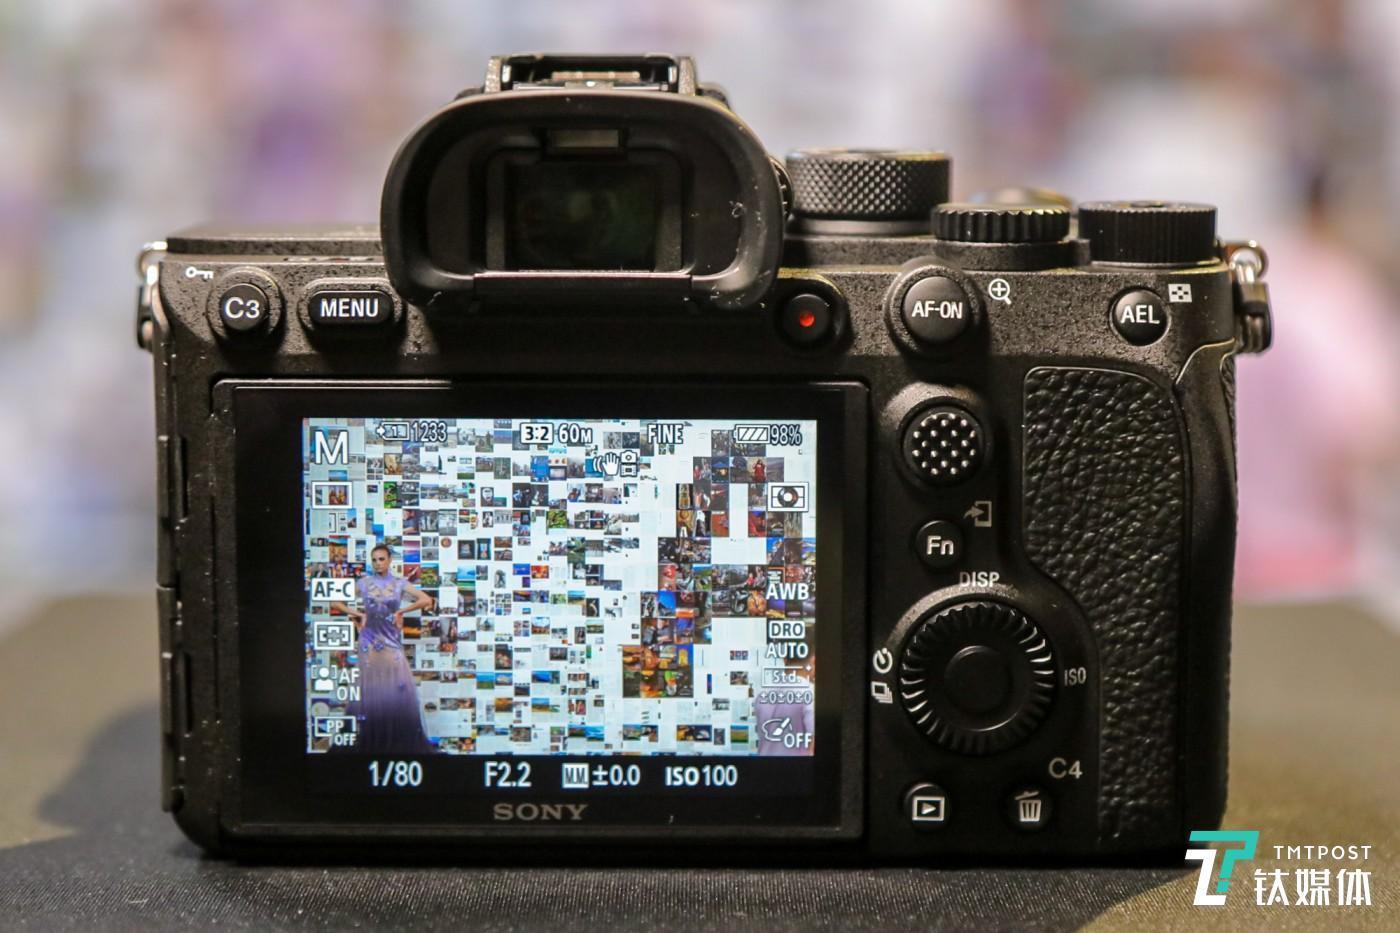 约576万像素 UXGA(Ultra-XGA) OLED Tru-Finder™电子取景器